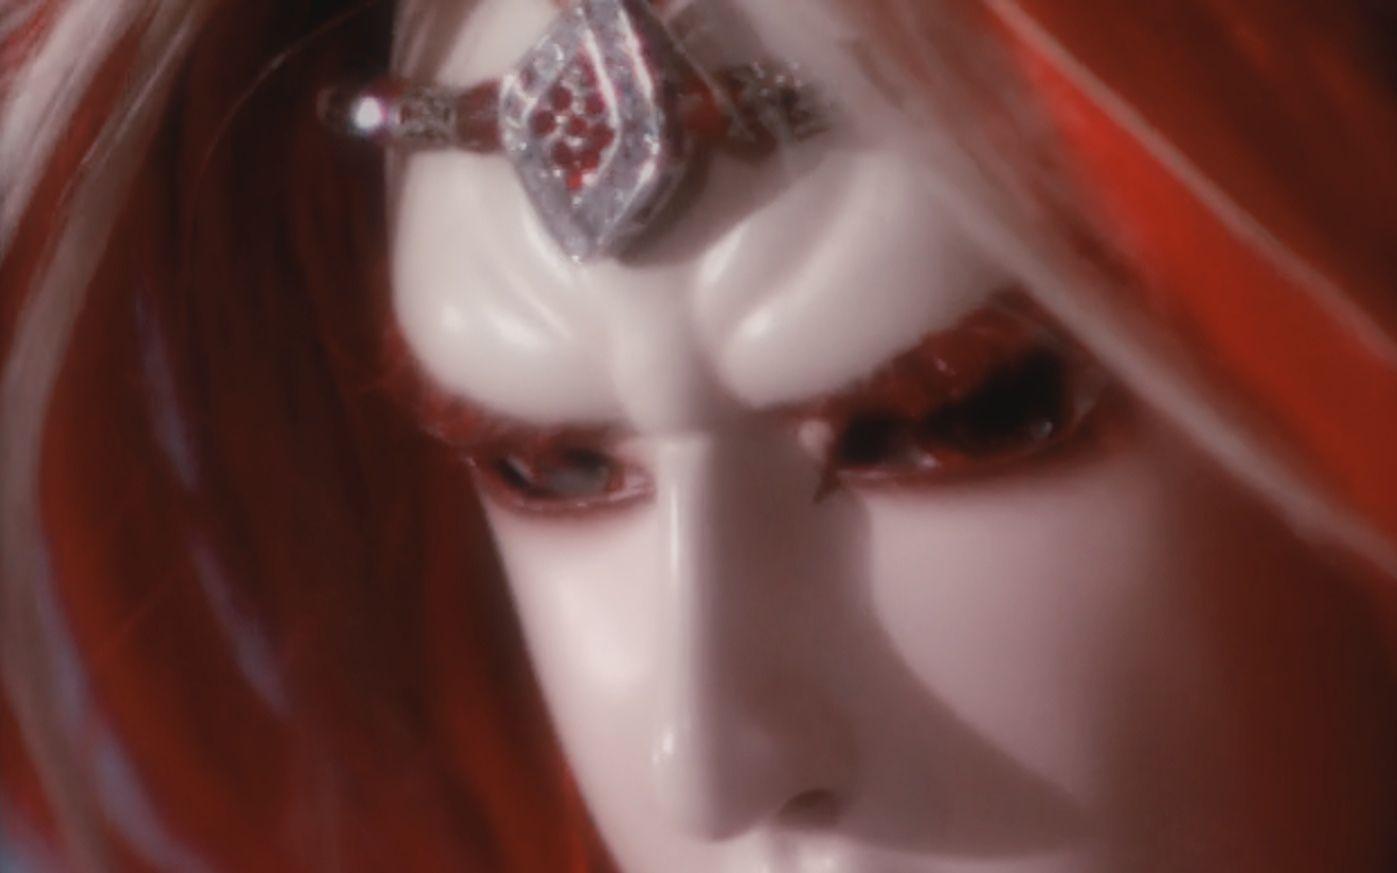 【霹雳】【苍朱】一眼万年